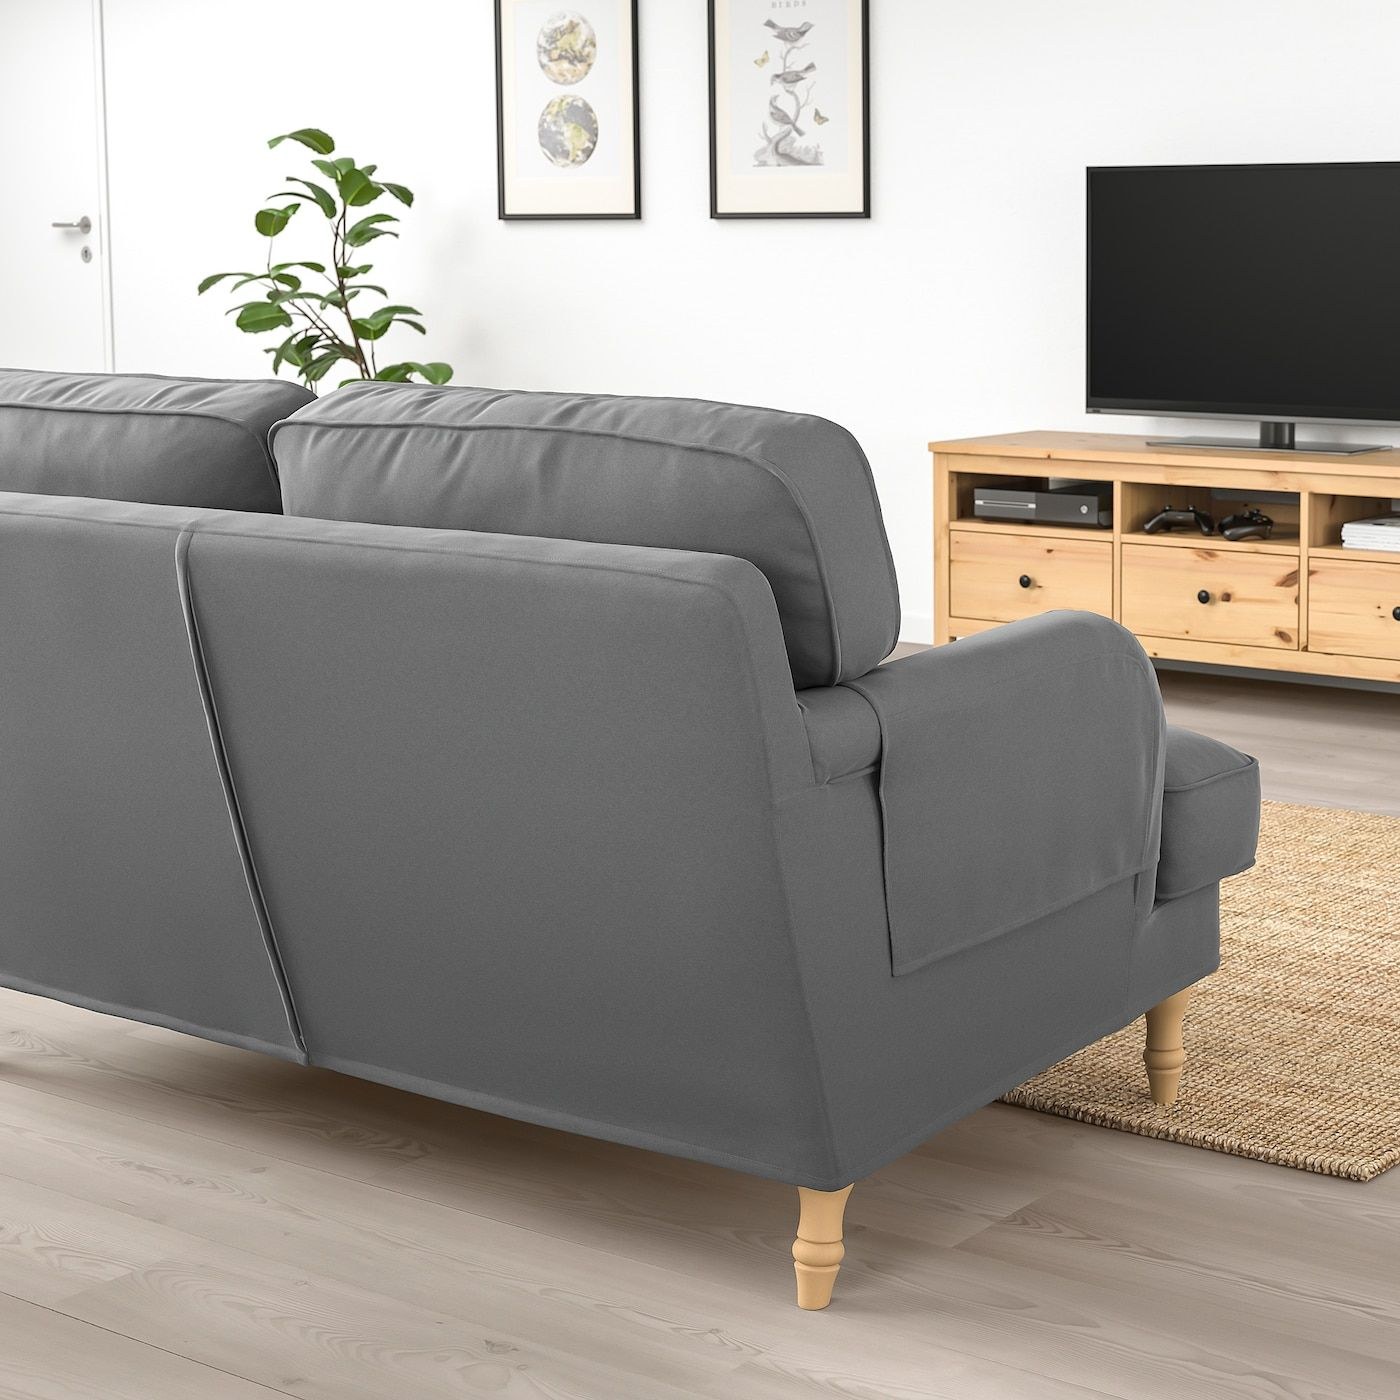 Stocksund 2er Sofa Ljungen Mittelgrau Heute Noch Kaufen Ikea Osterreich In 2020 Stocksund Sofa Sofa Frame Ikea Stocksund